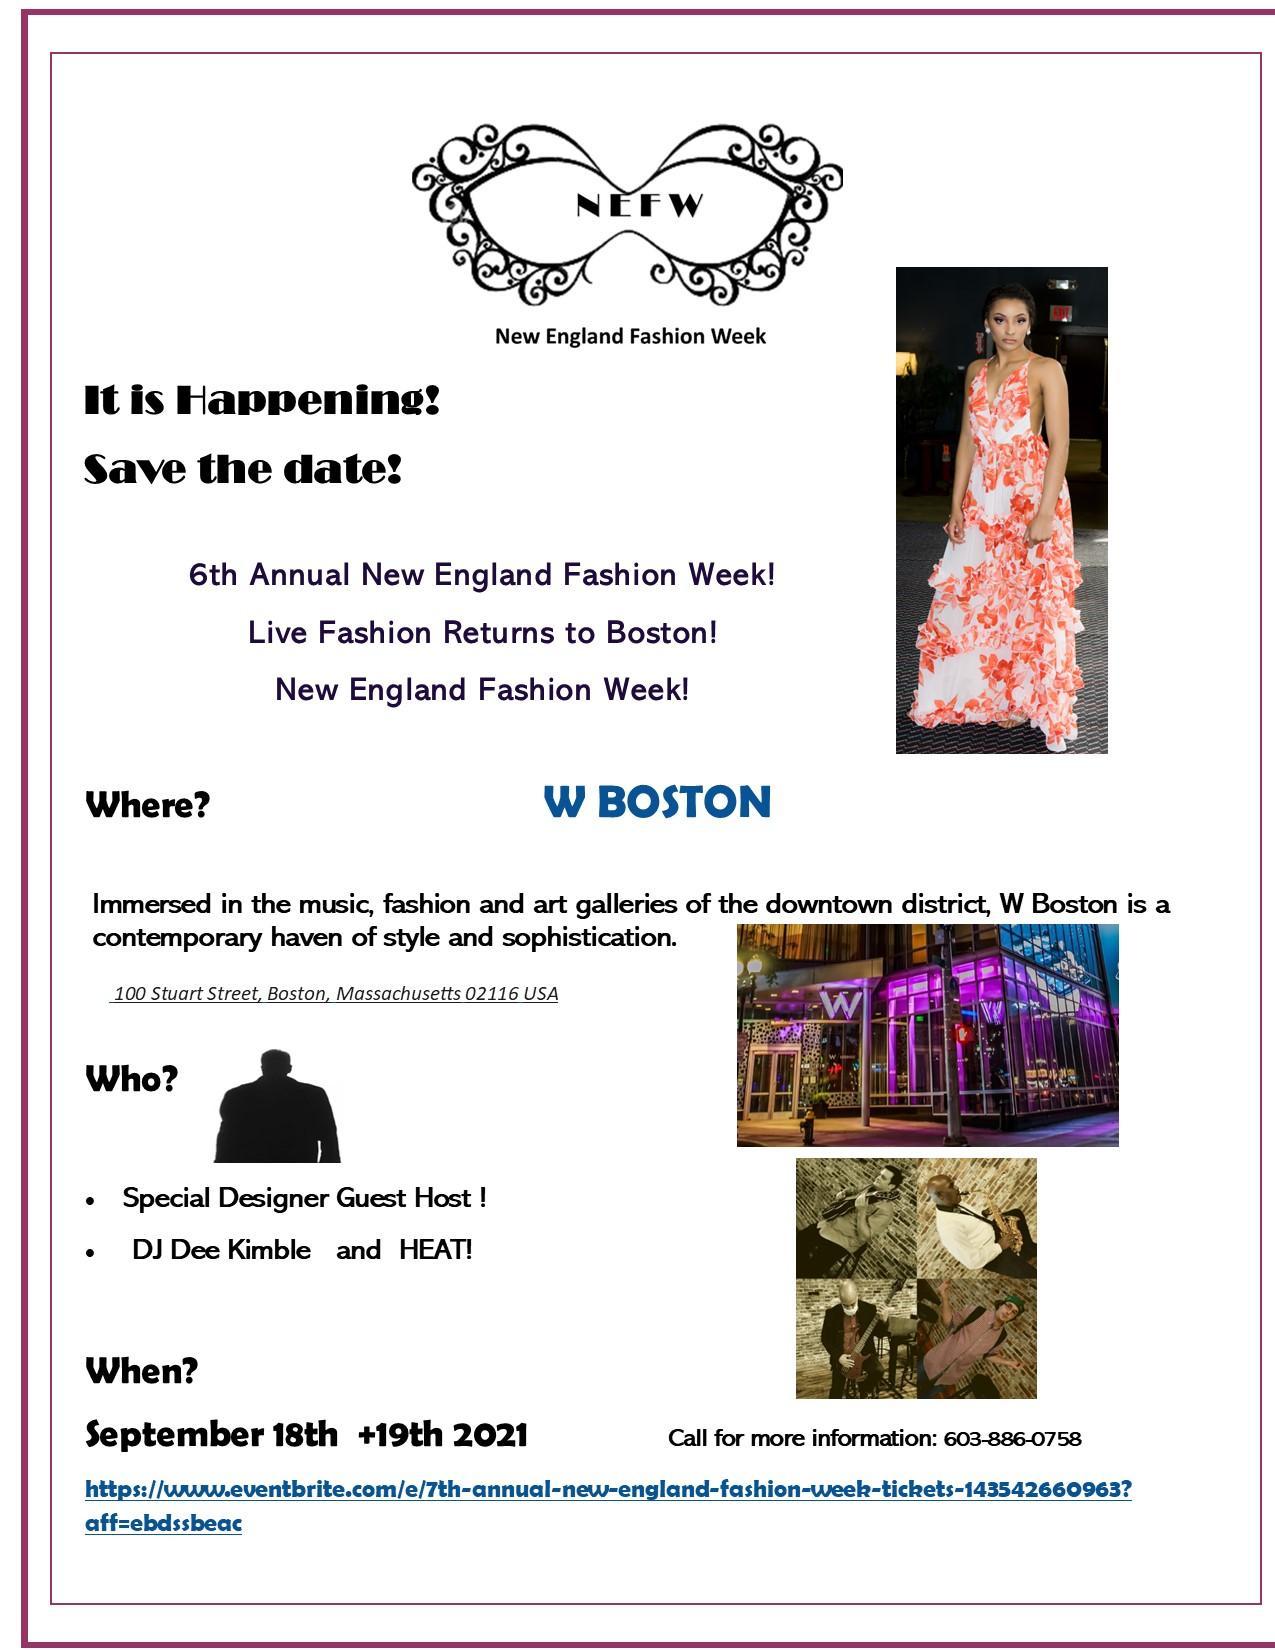 7th Annual New England Fashion Week